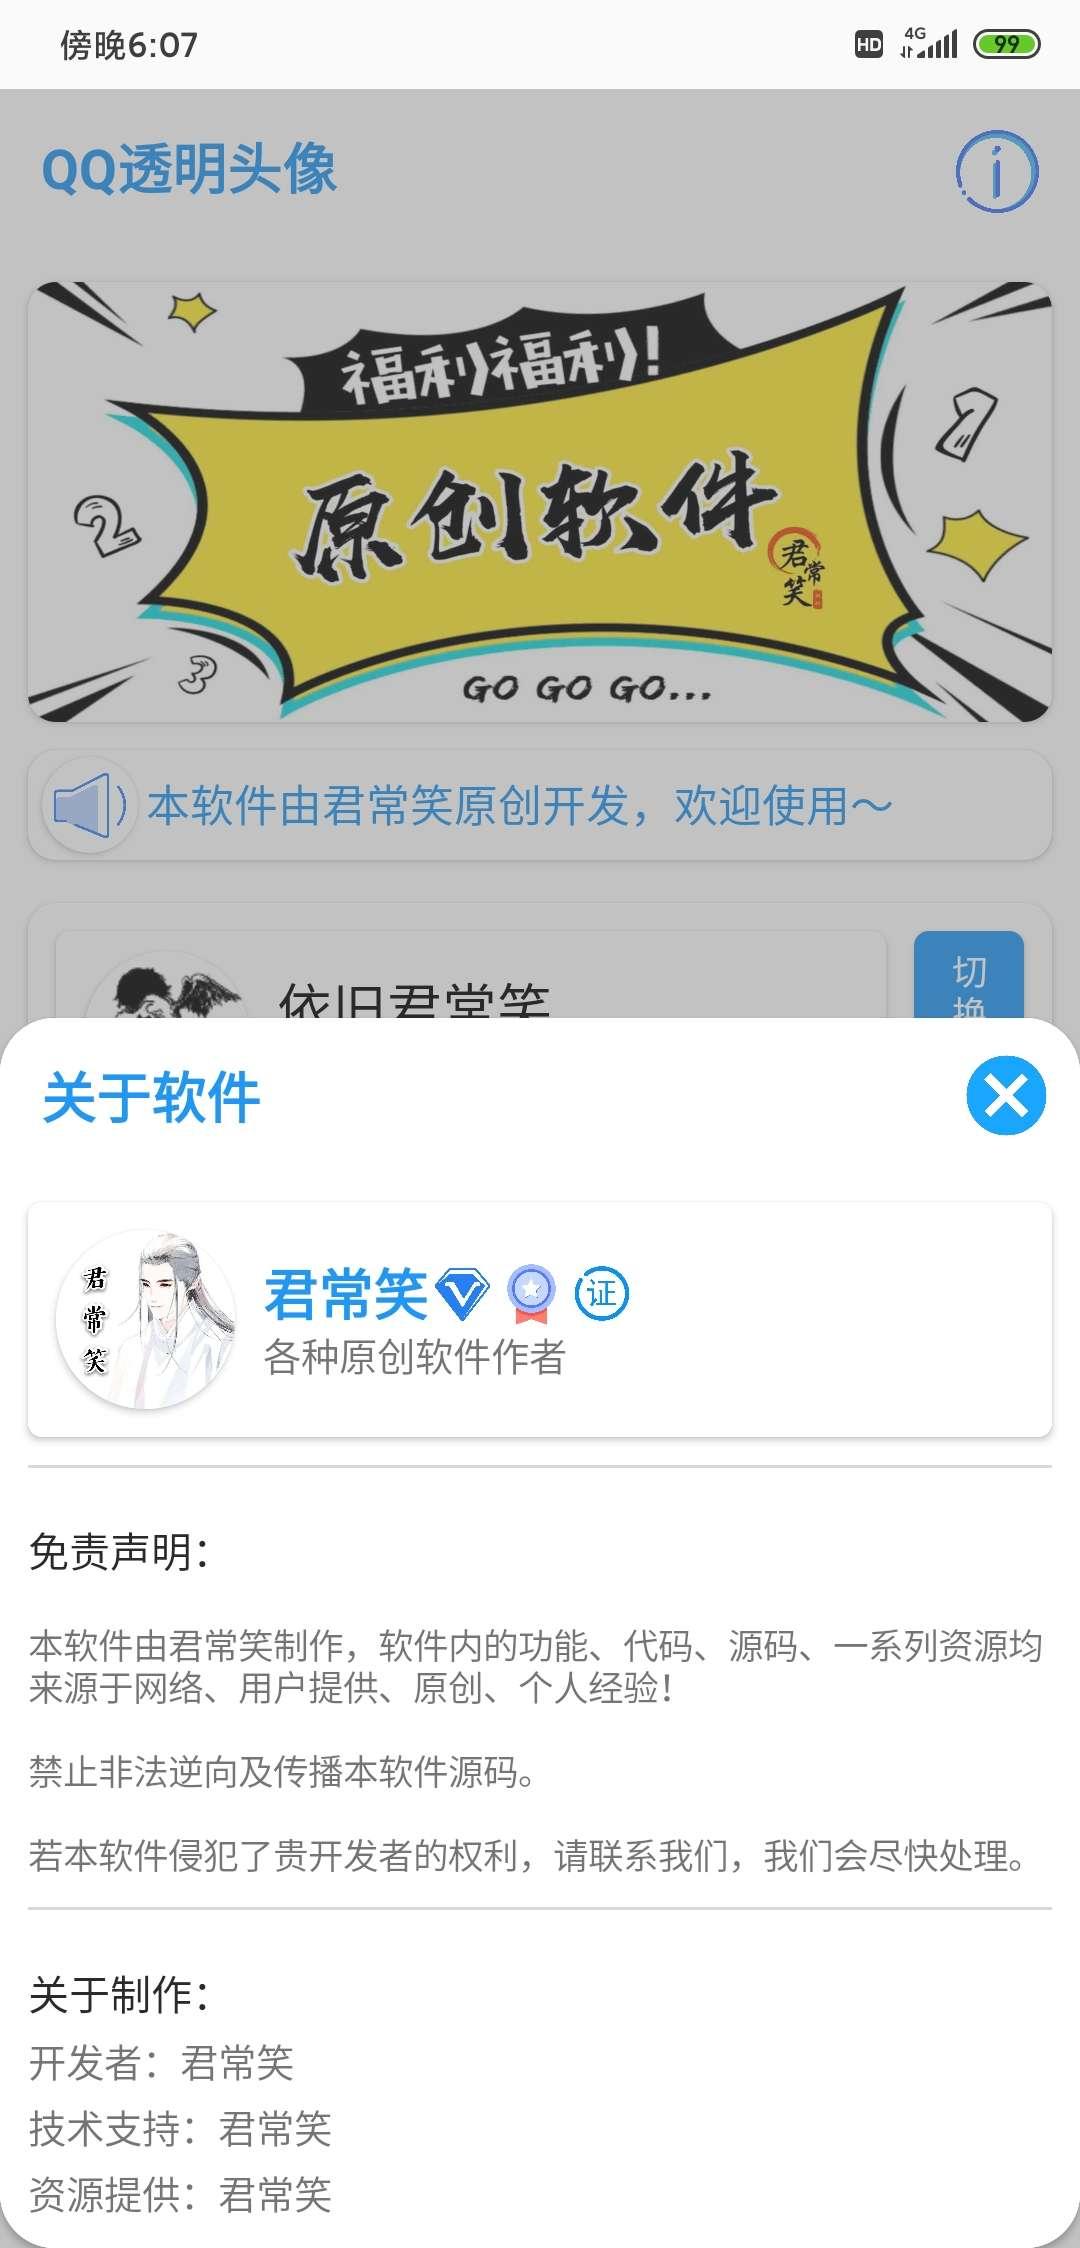 【资源分享】QQ透明头像(头像)